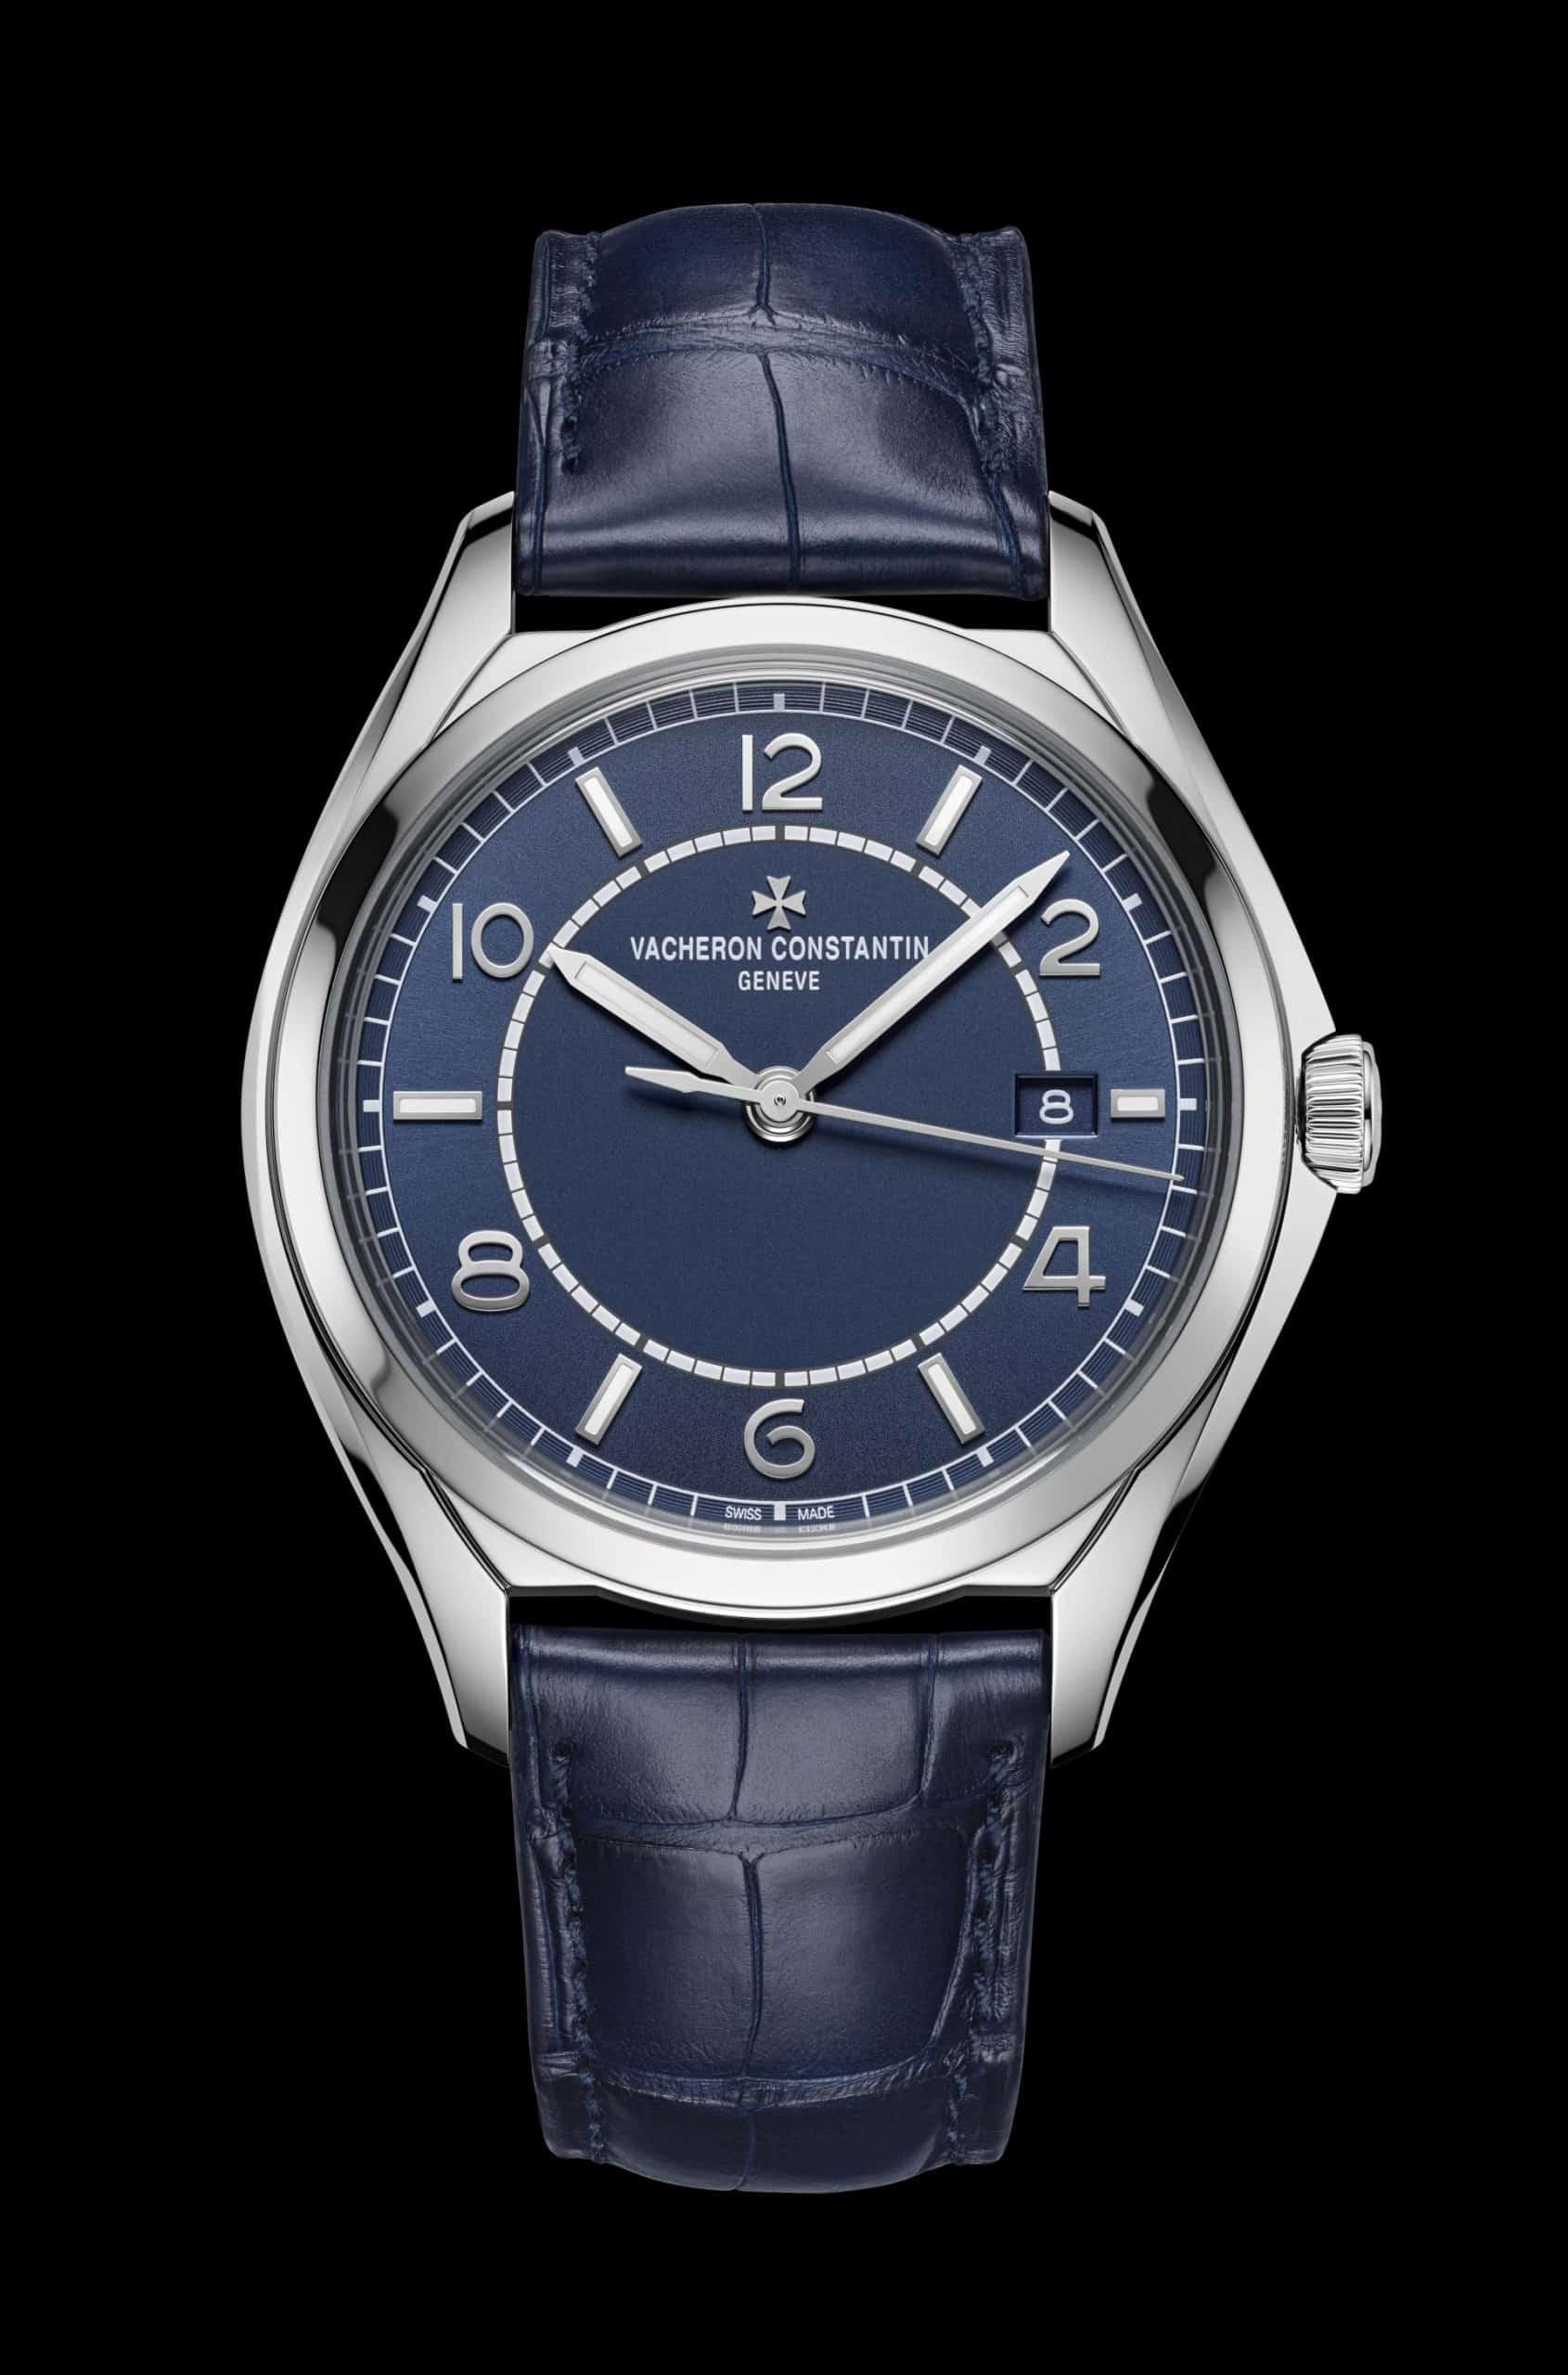 Die Vacheron Constantin Fifty-Six ist etwas für Kenner der besonderen Marke aus Genf. Der Preis für die Automatikuhr liegt bei 11500 Euro